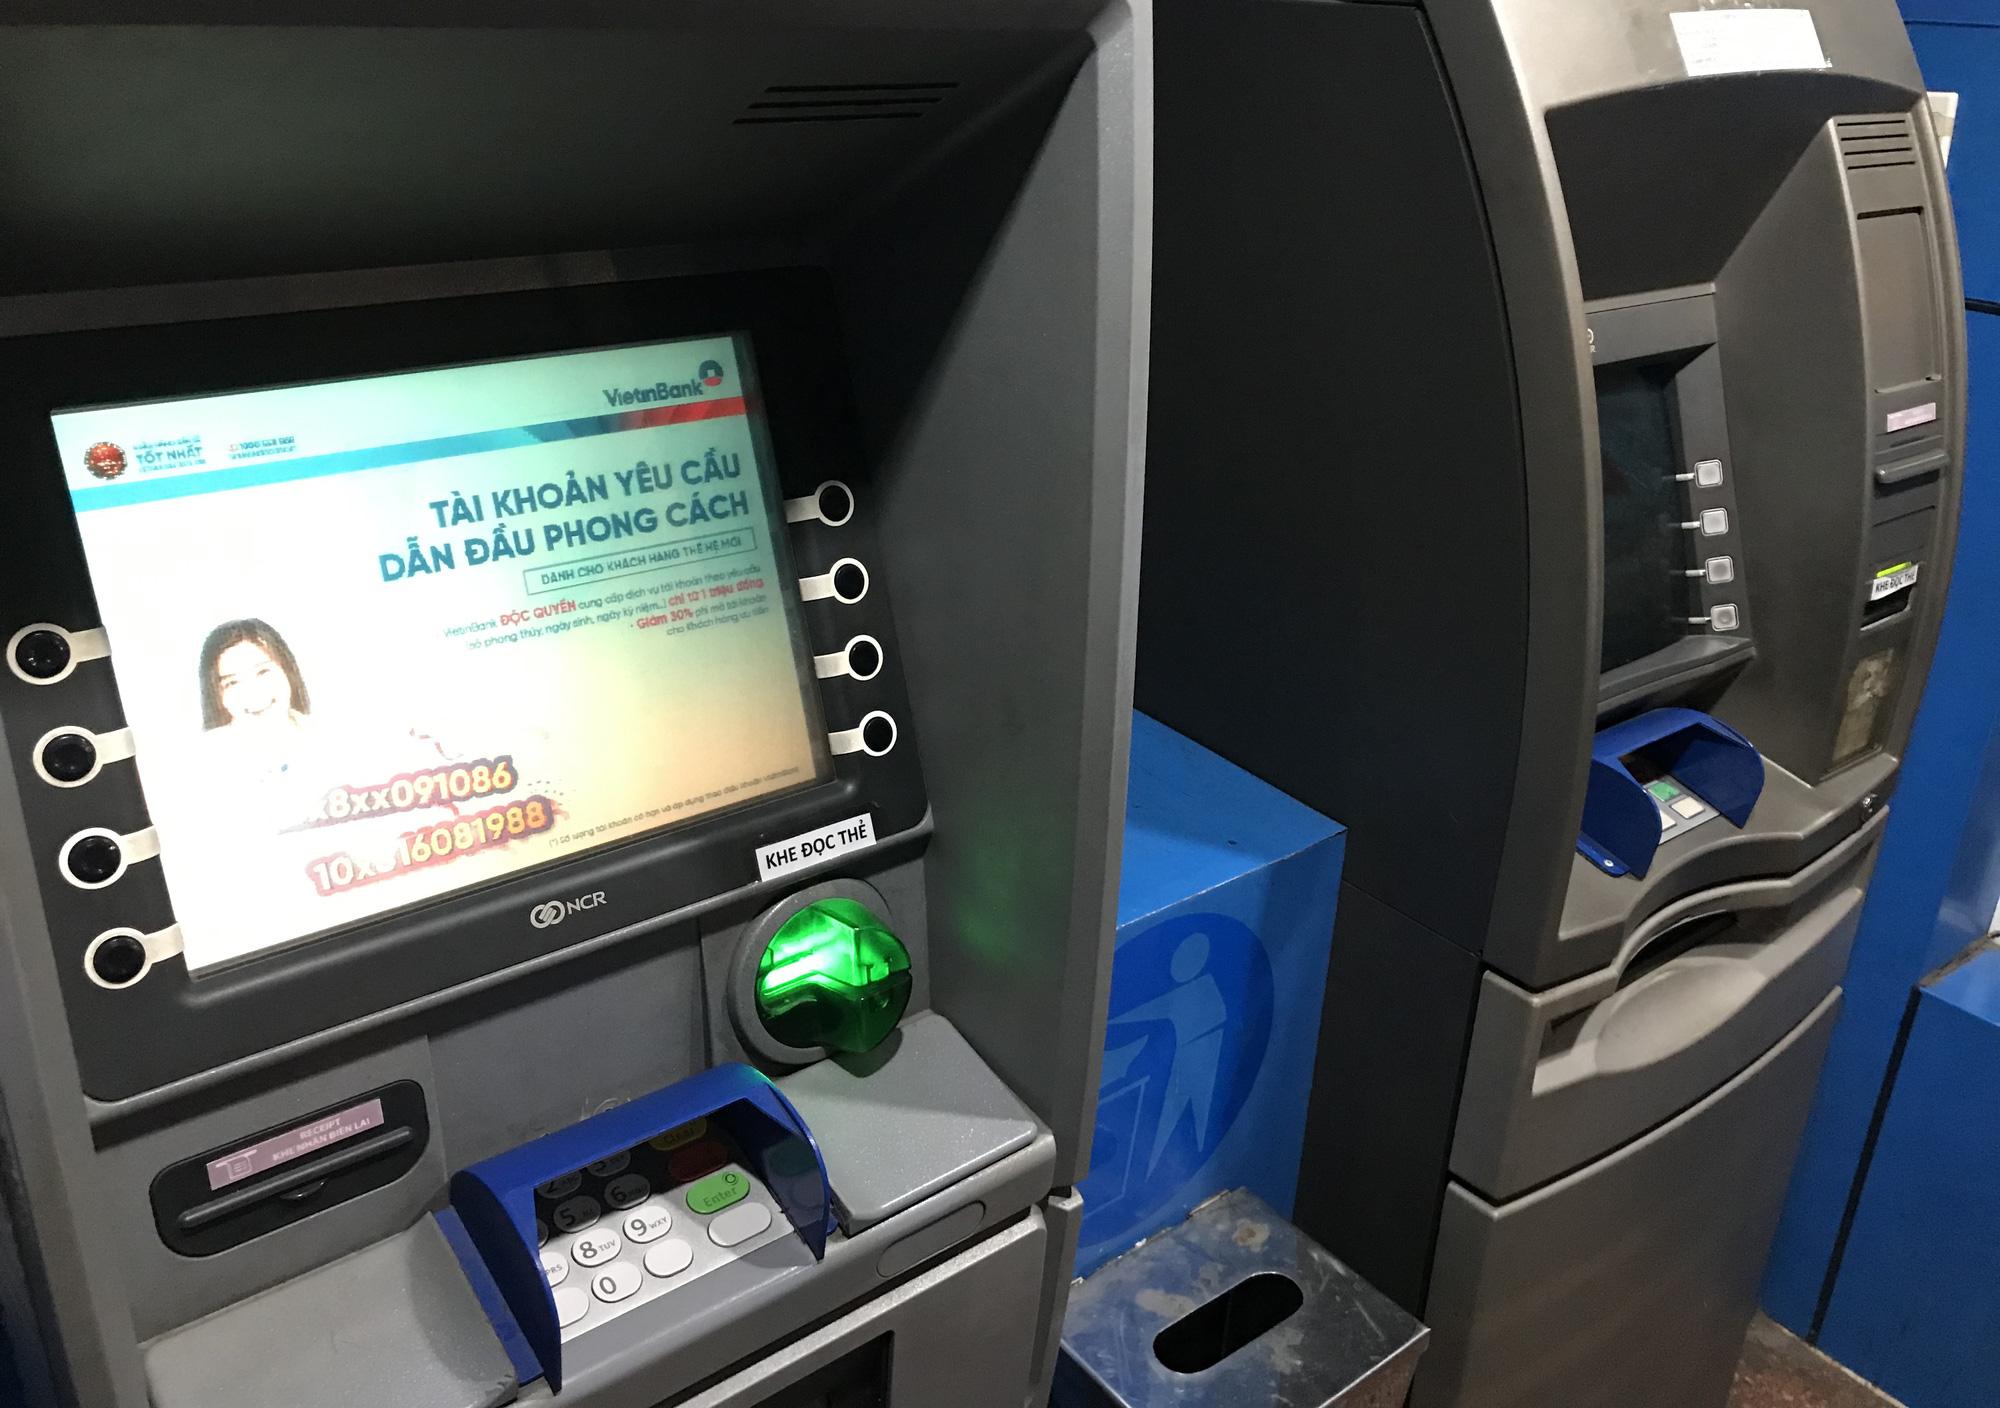 ATM tại Sài Gòn đồng loạt nghỉ Tết, chạy cả đêm vẫn không rút được tiền lương, thưởng để về quê - Ảnh 2.